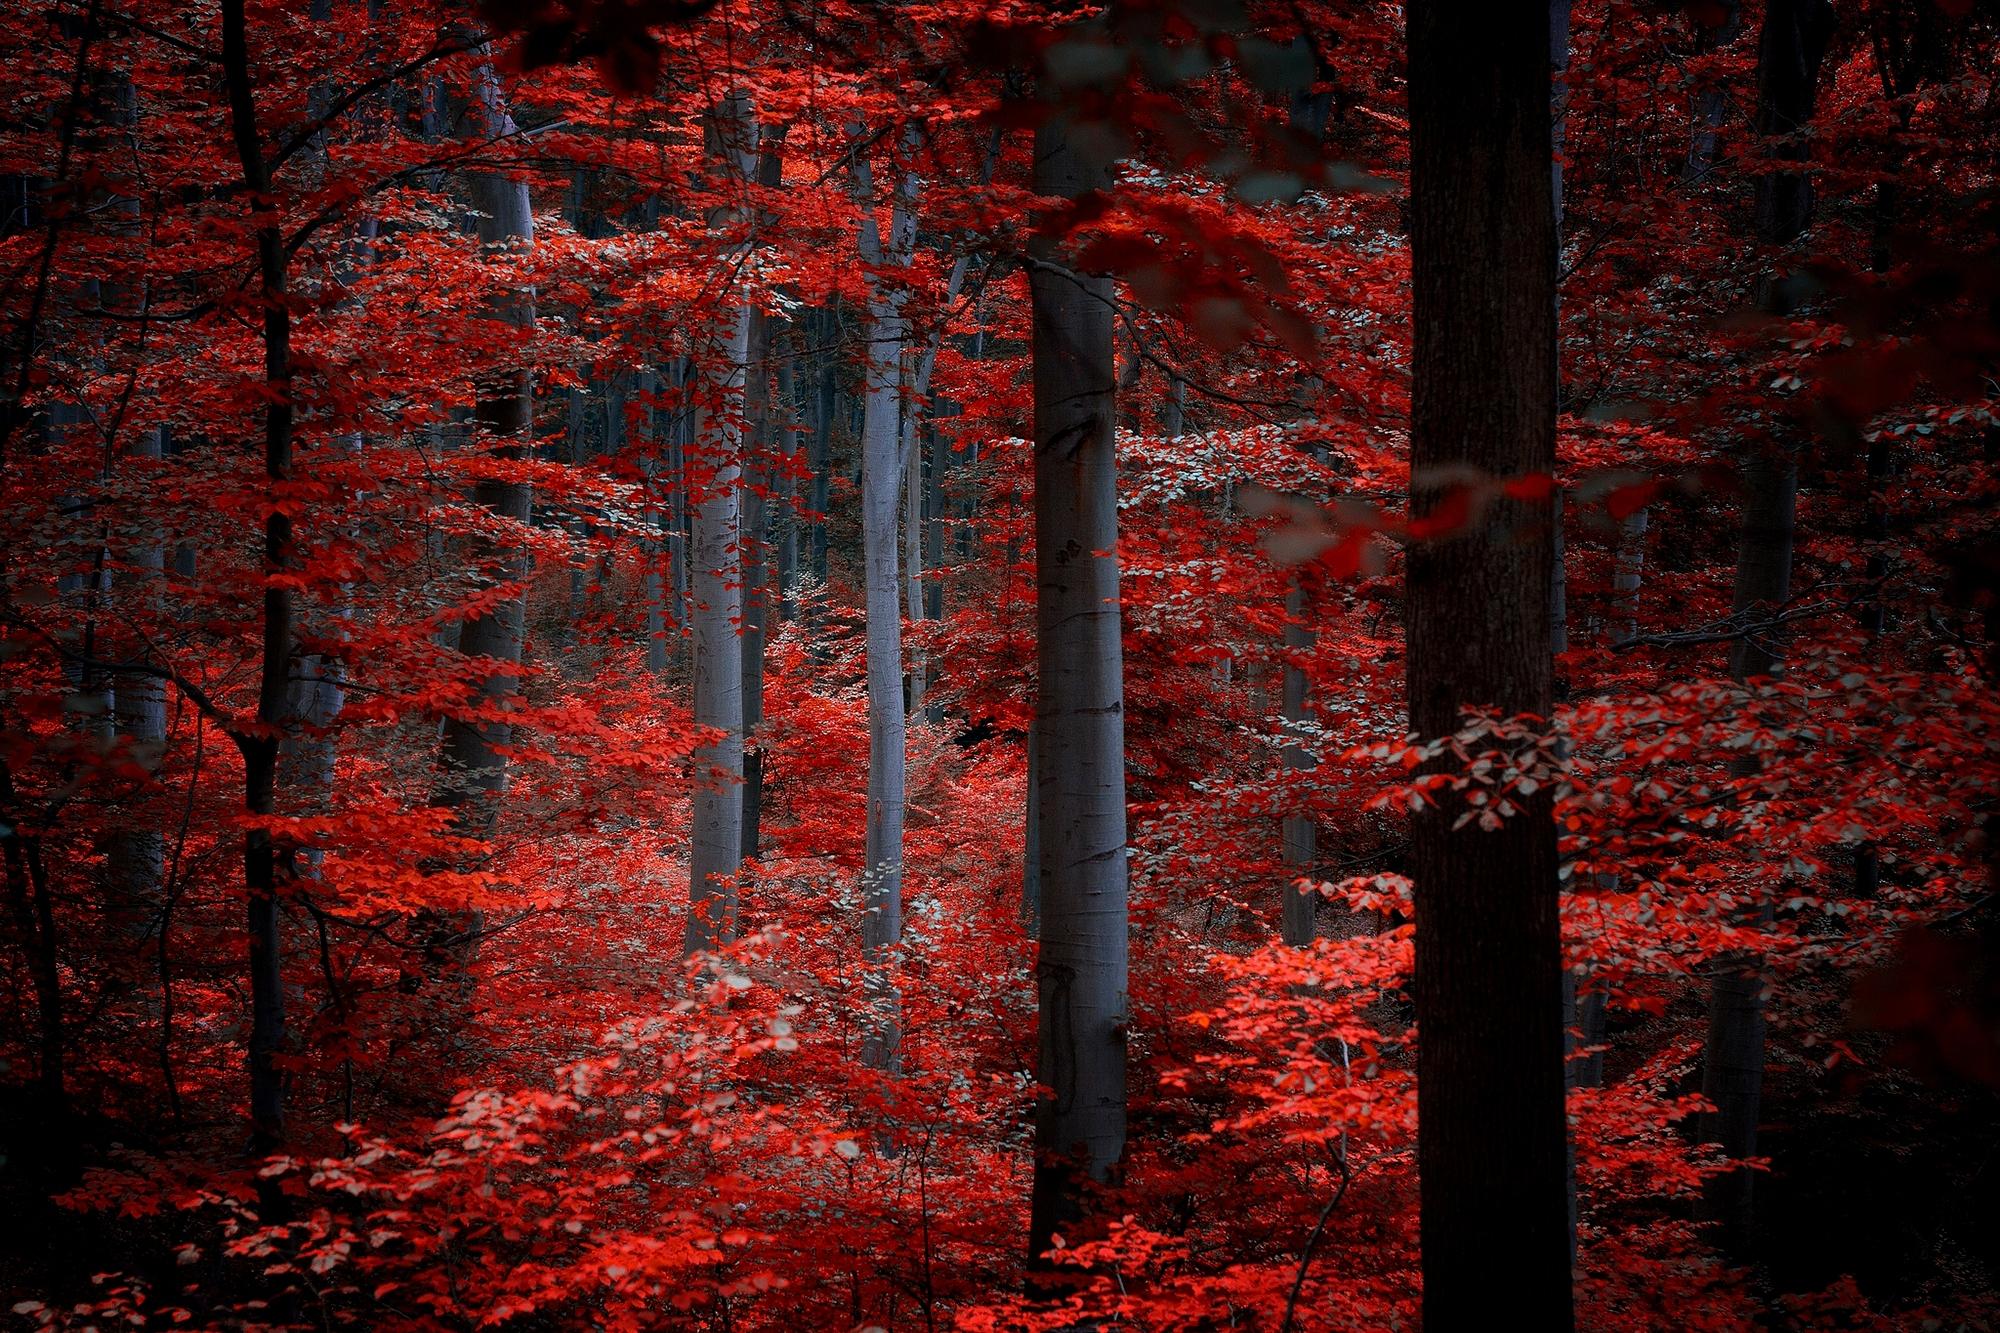 красные деревья  № 1276218 бесплатно